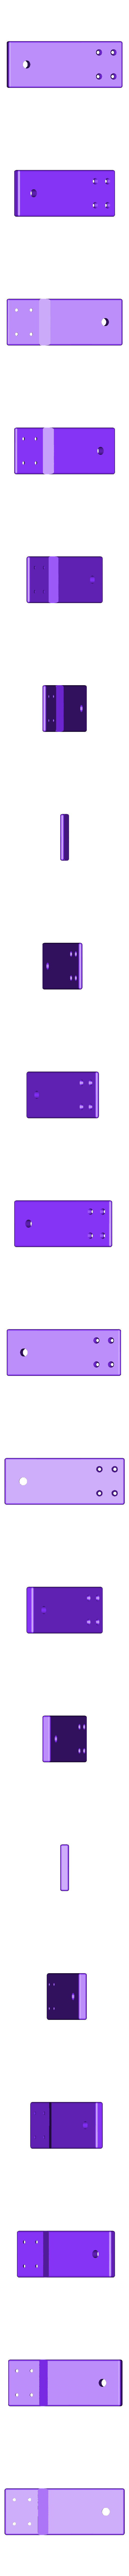 nano_drone_controller_belt_mount.stl Télécharger fichier STL gratuit Support poignet pour bourdon Nano (CX-10D) • Objet pour impression 3D, SexyCyborg